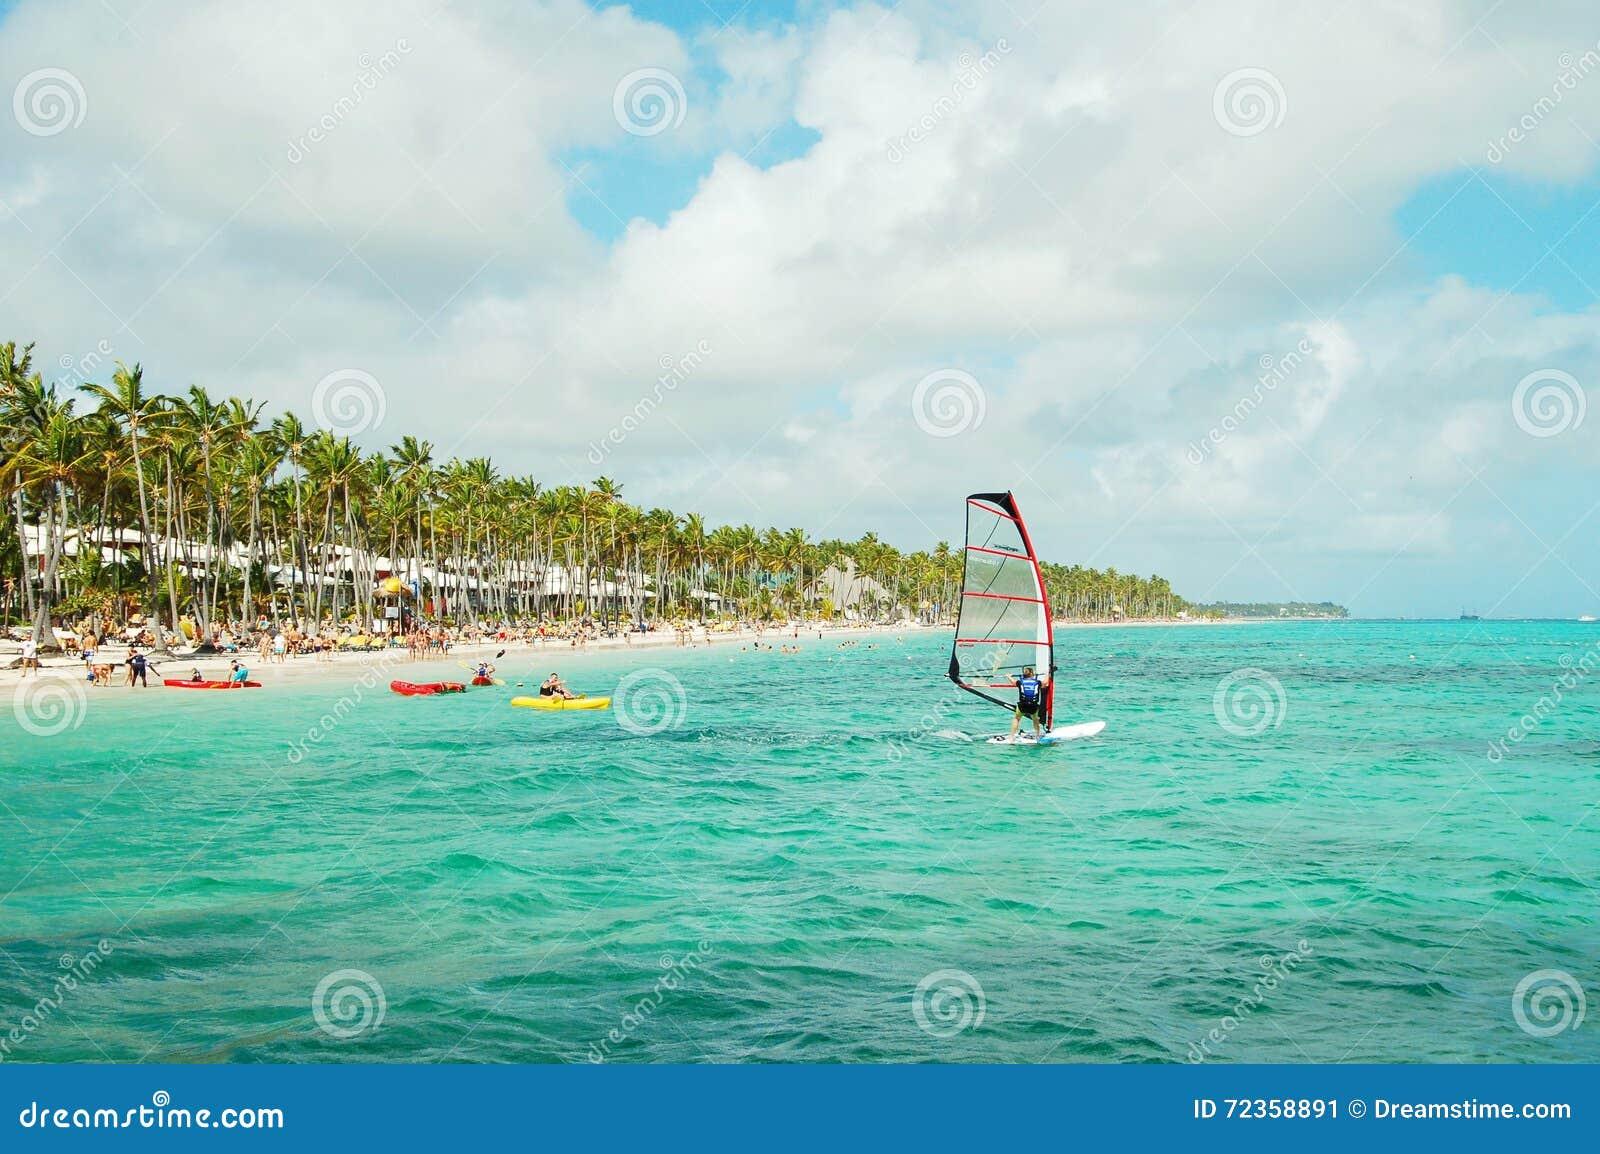 风帆冲浪在多米尼加共和国的海岸